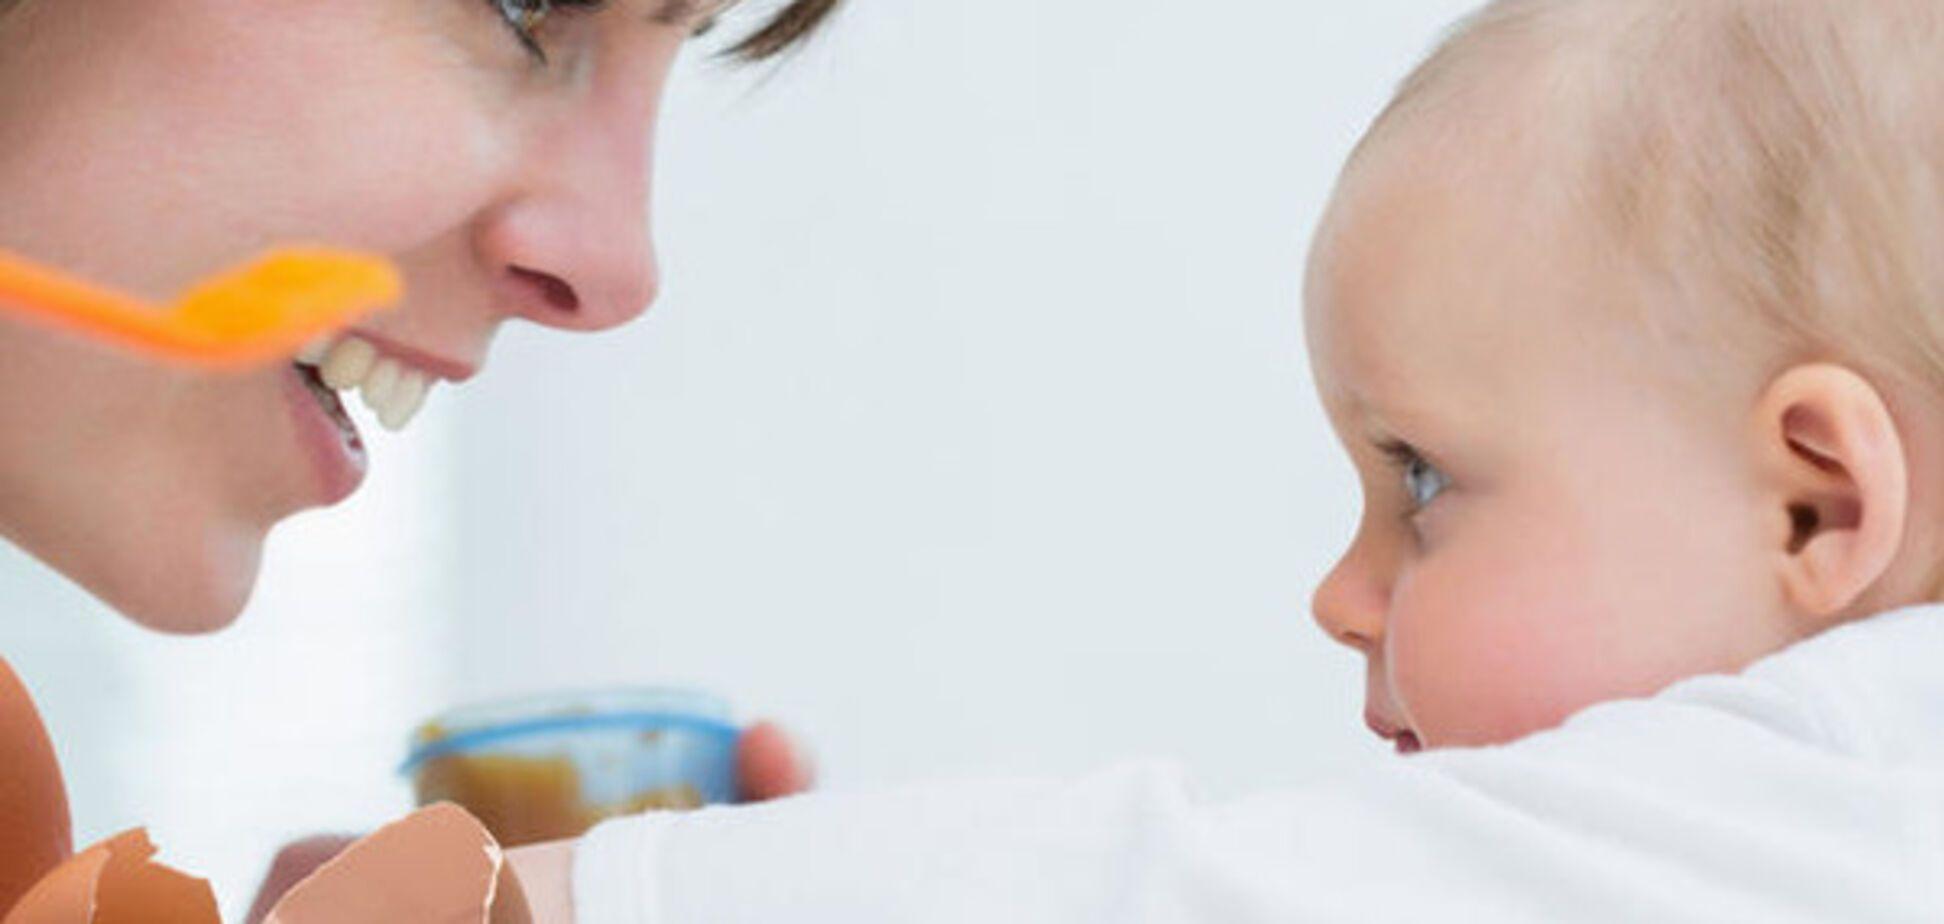 Ученые объяснили, почему в детском меню обязательно должны быть яйца